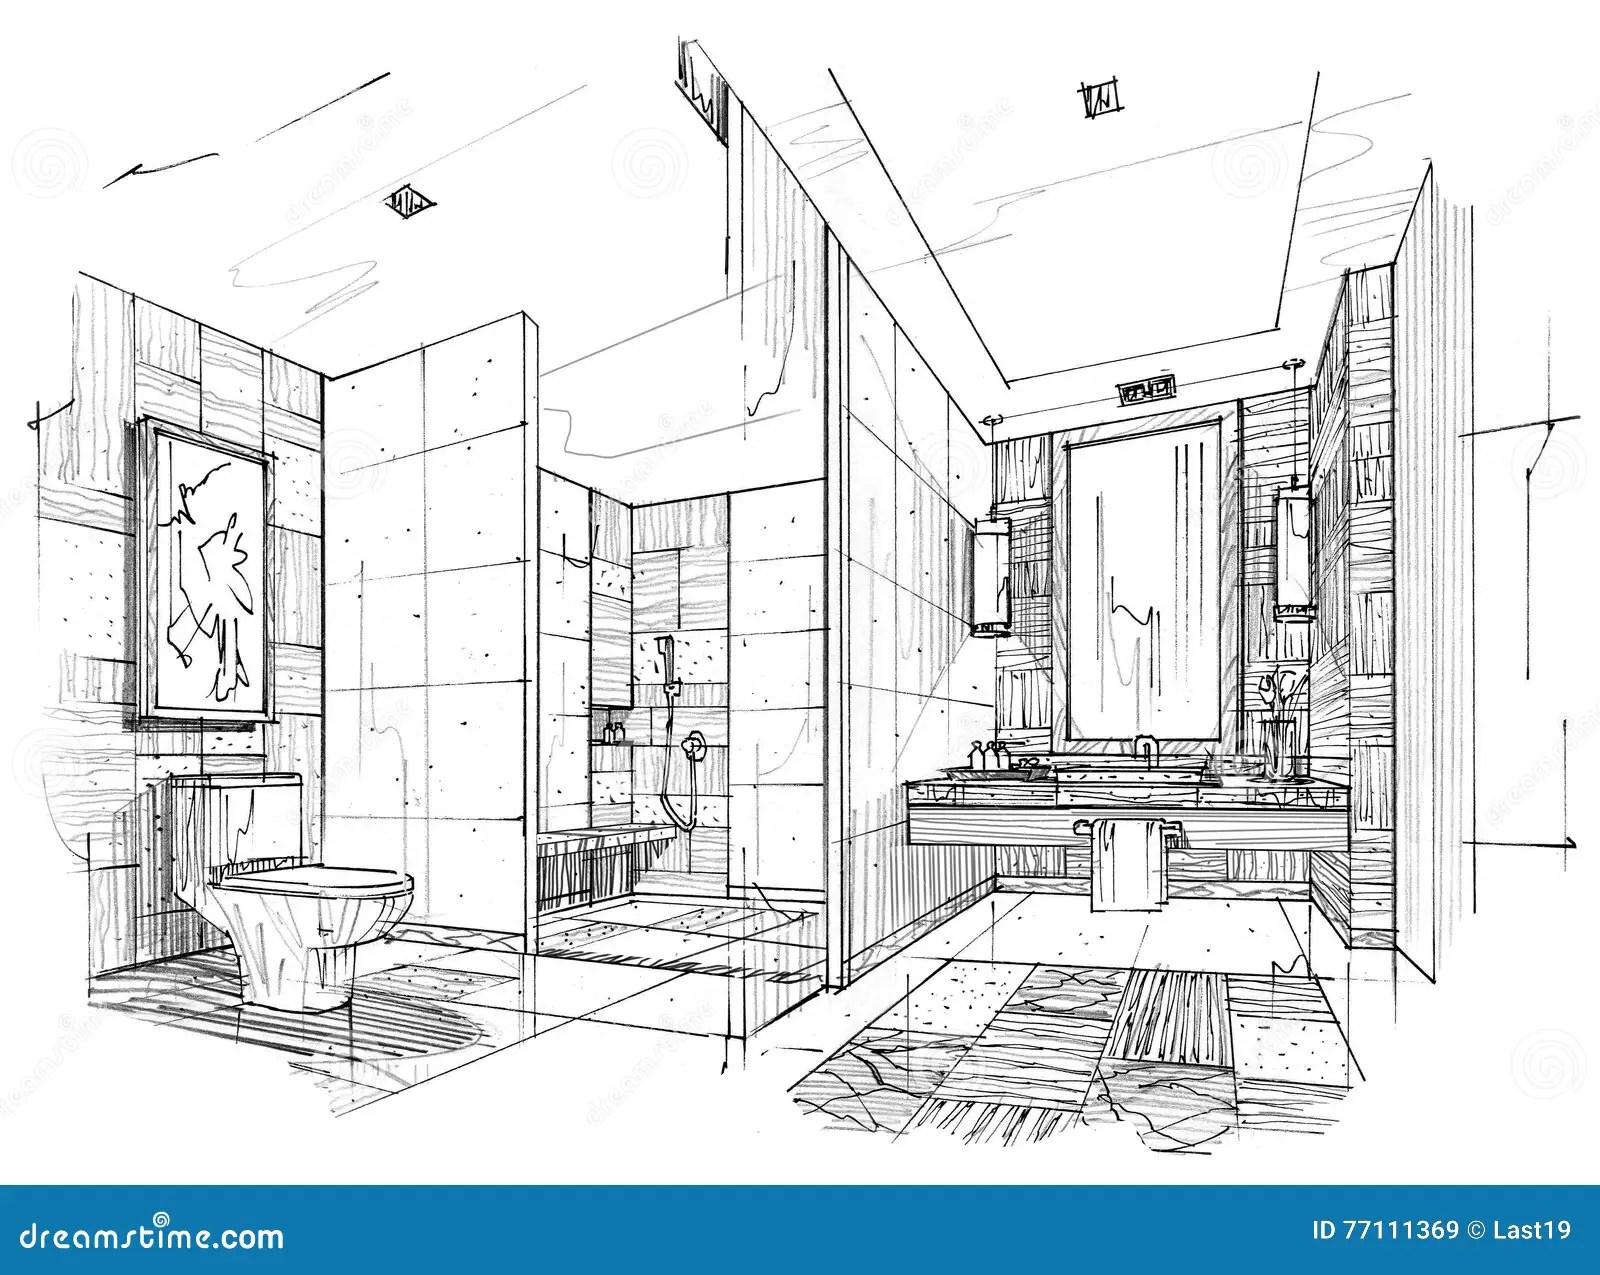 Dsl Set Up House Inside